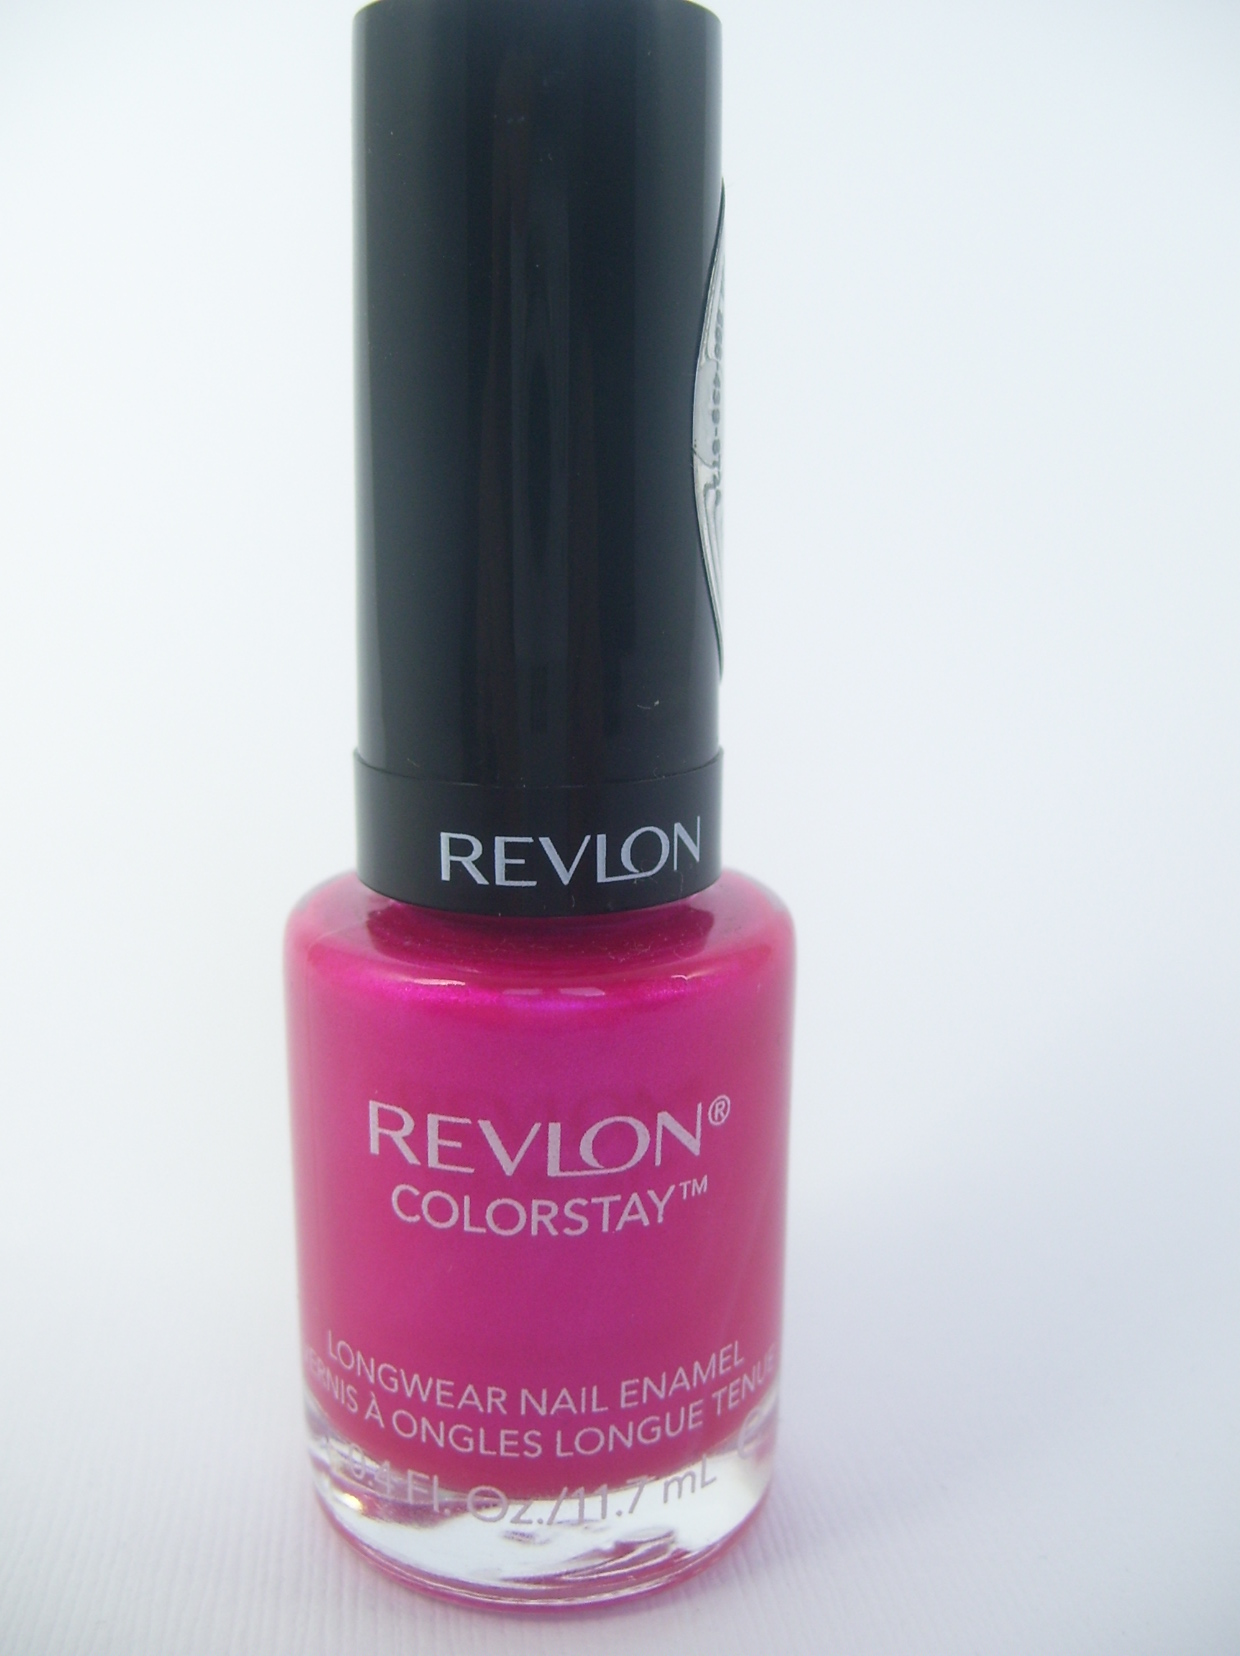 Revlon ColorStay Longwear Nail Enamel – Wild Strawberry